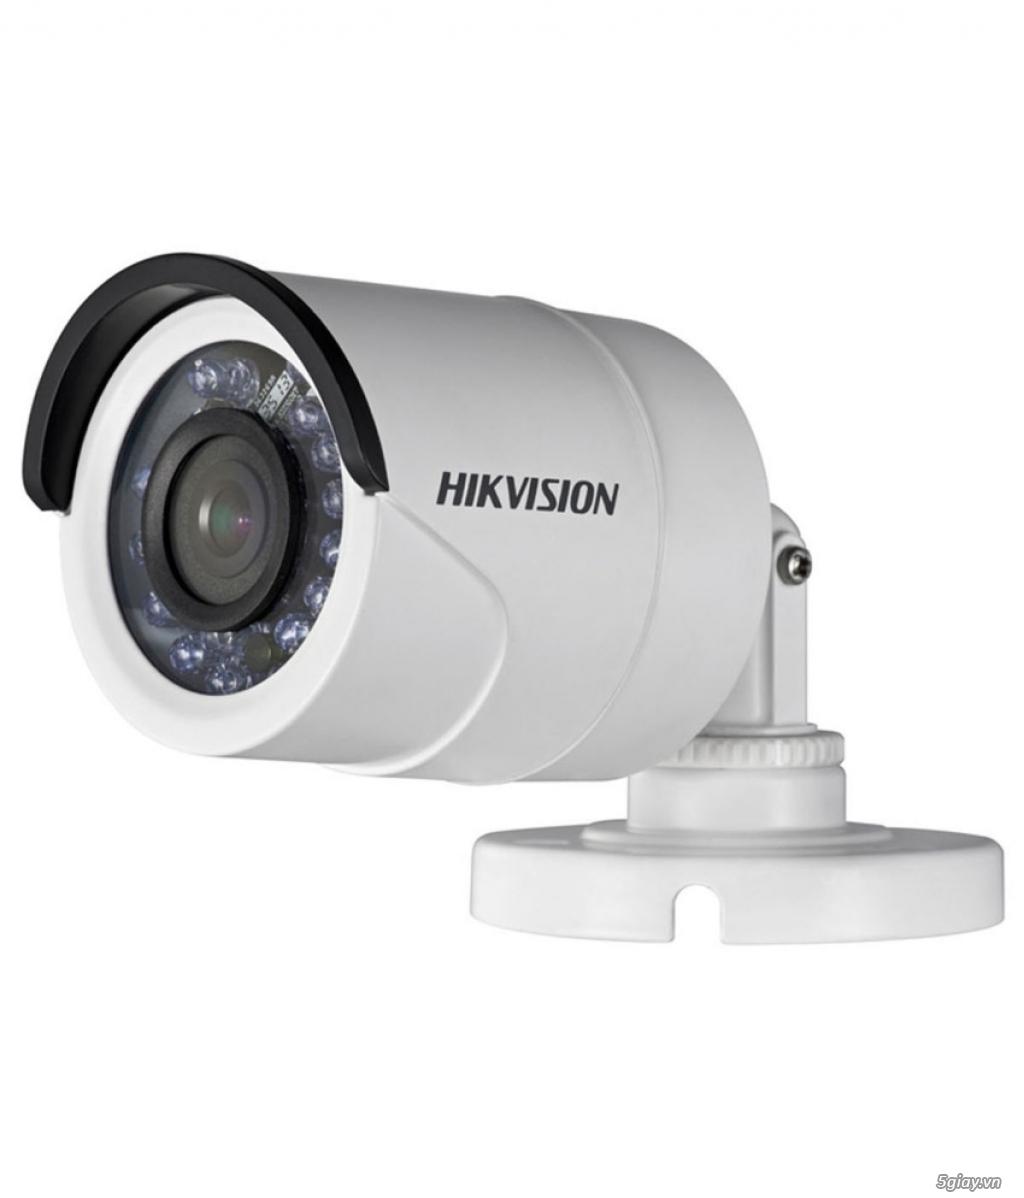 Lộc 090 9066 350 chuyên lắp camera mới nhất , cực tốt giá 650k/Cái